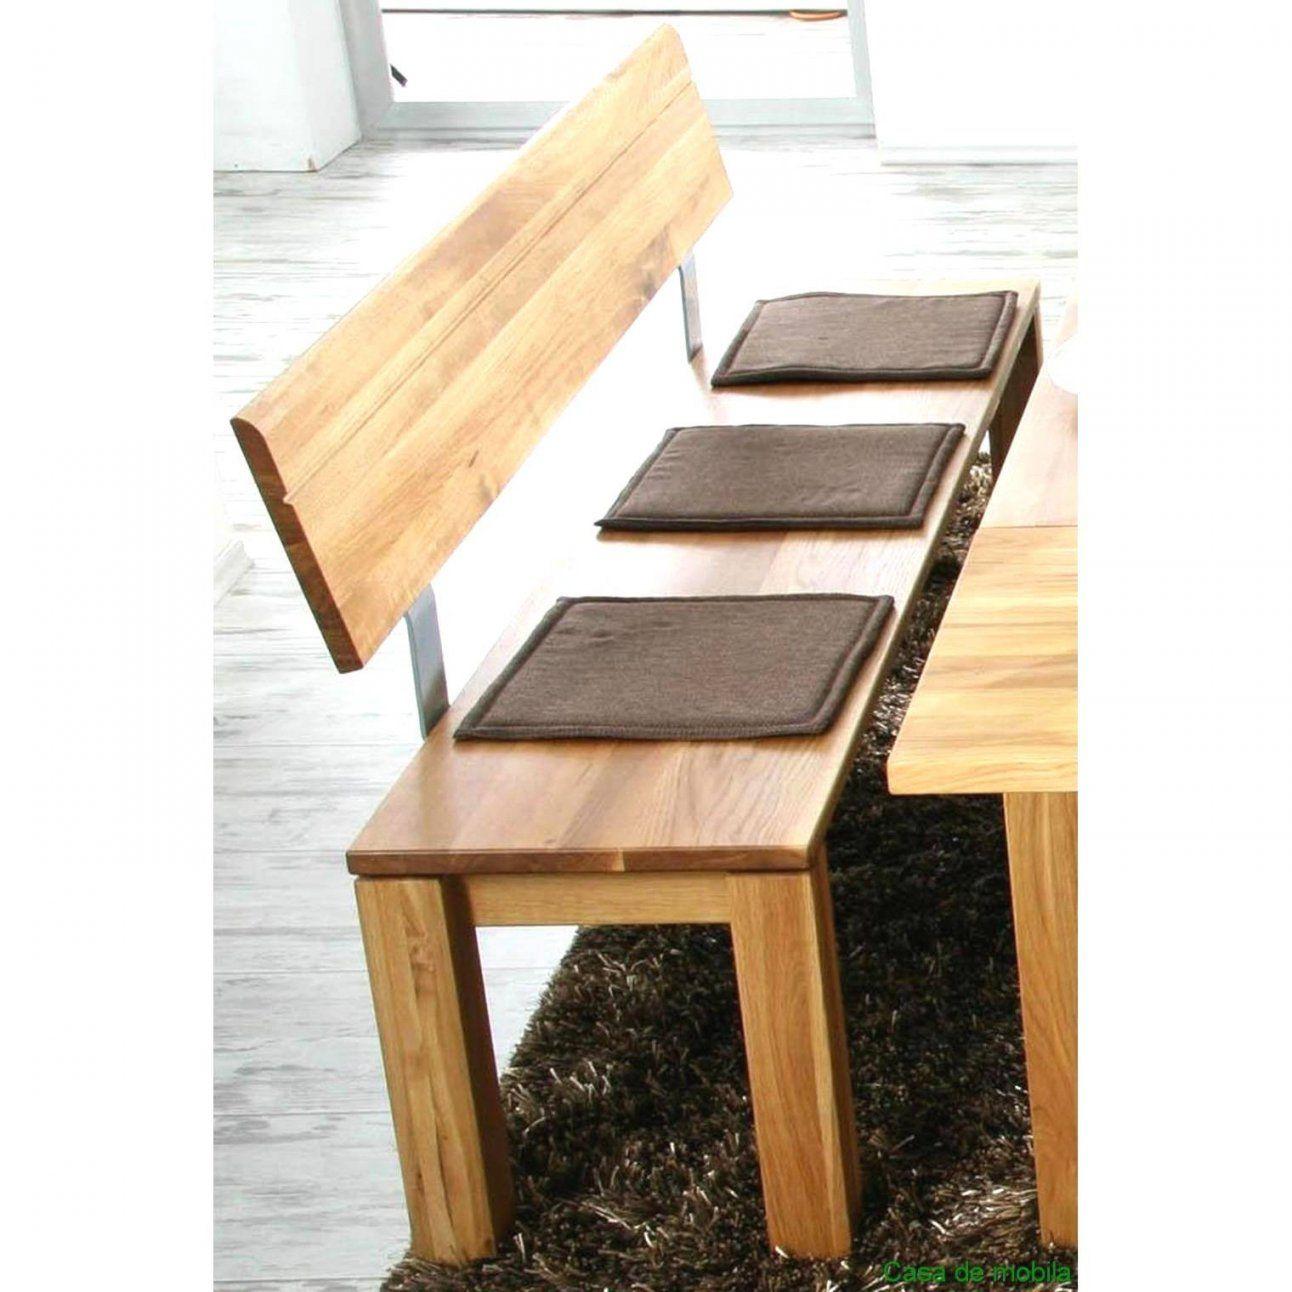 Sitzbank Flur Selber Bauen Luxus Luxus 40 Tisch Bank Kombination von Tisch Bank Kombination Selber Bauen Bild